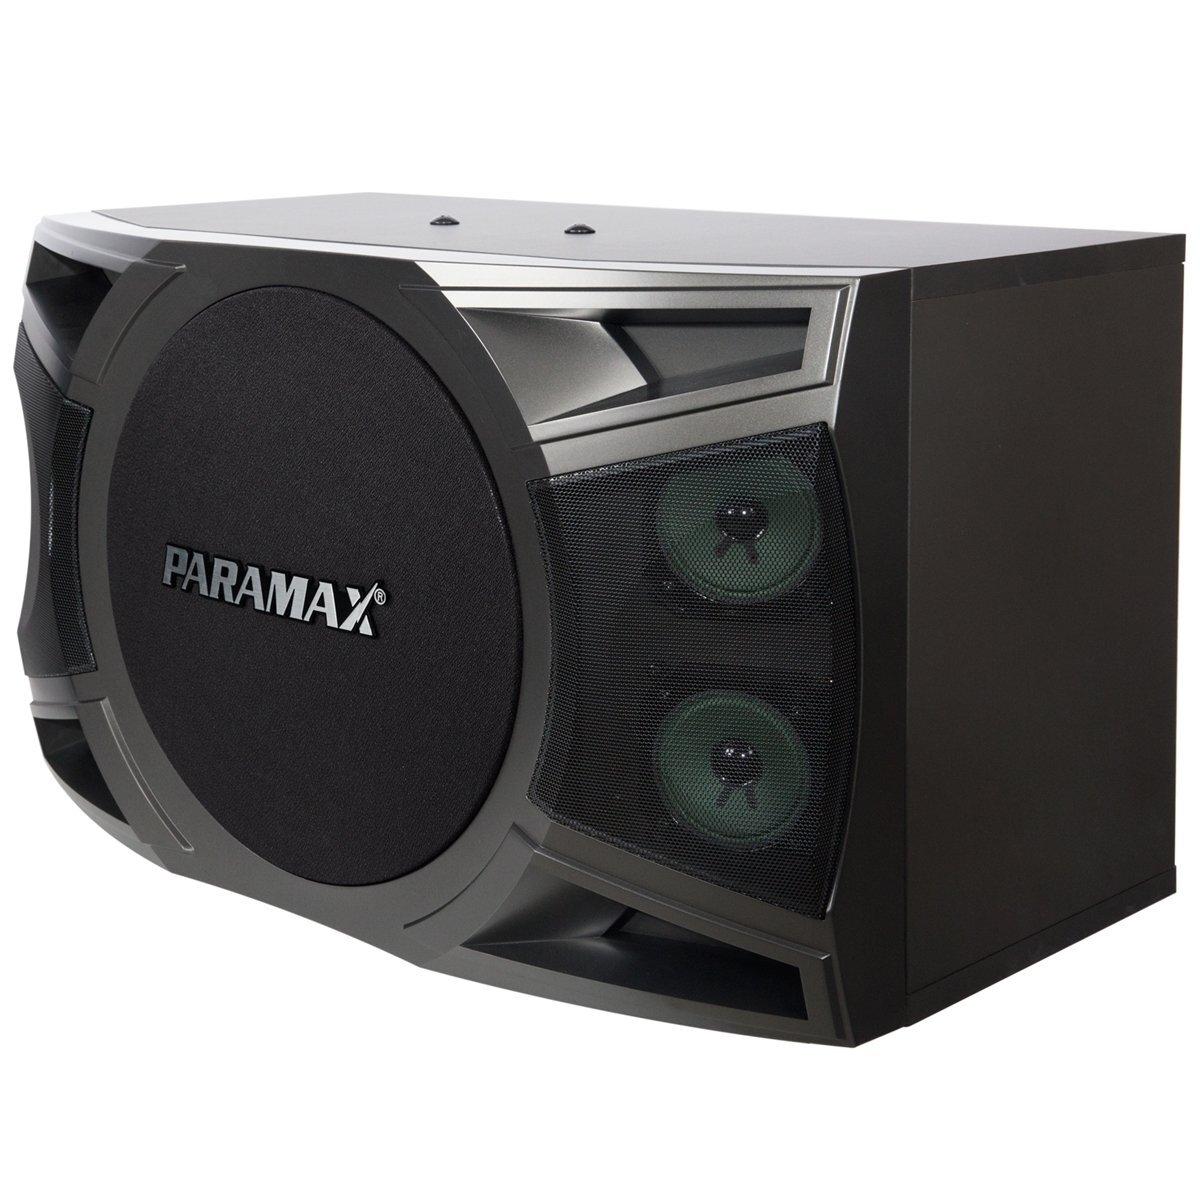 Loa karaoke Paramax P-1000 New 2018